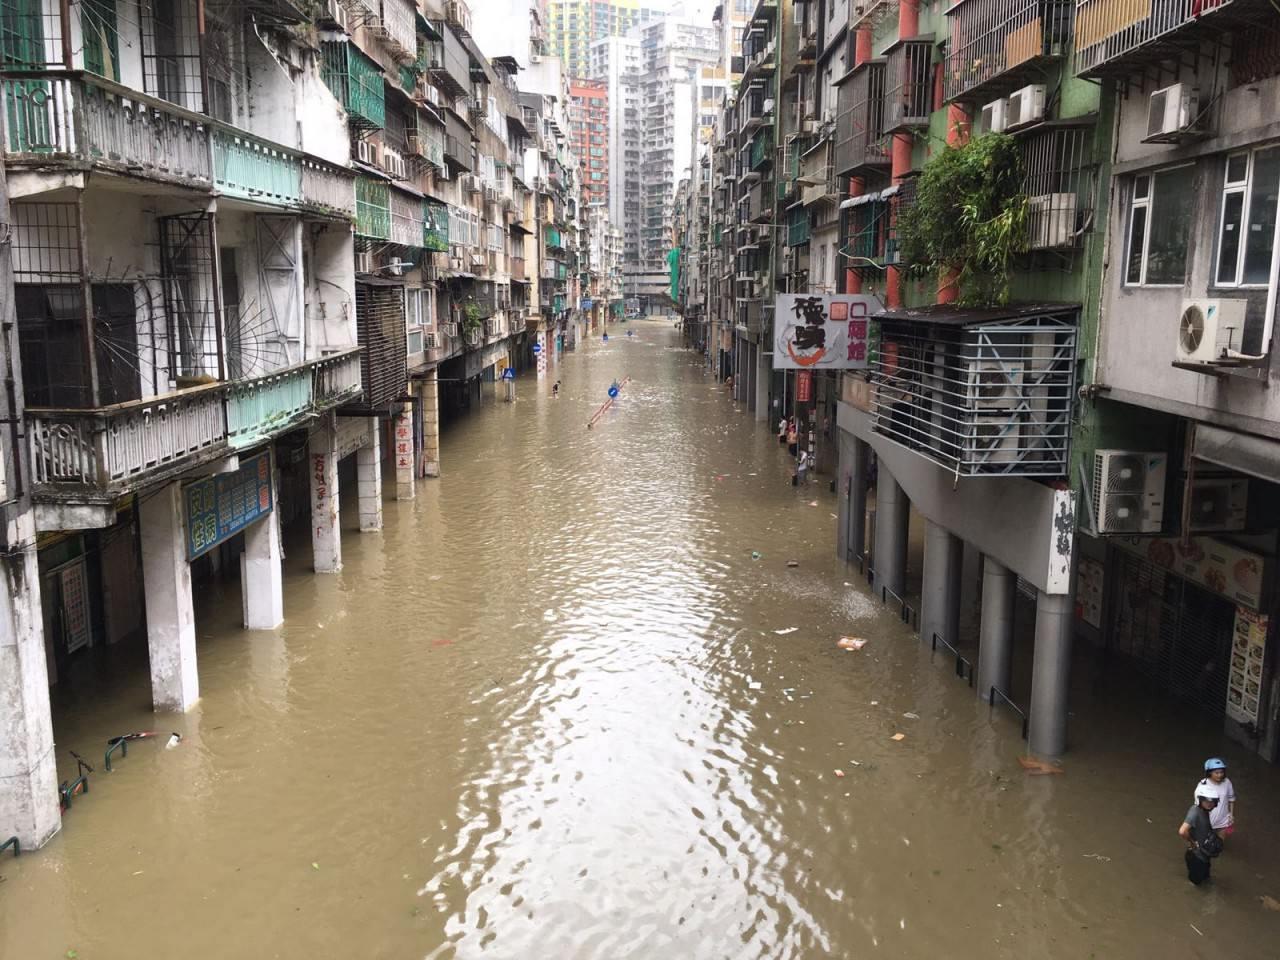 天鴿吹襲期間,澳門出現嚴皇水浸。(香港01駐澳門特約記者攝)